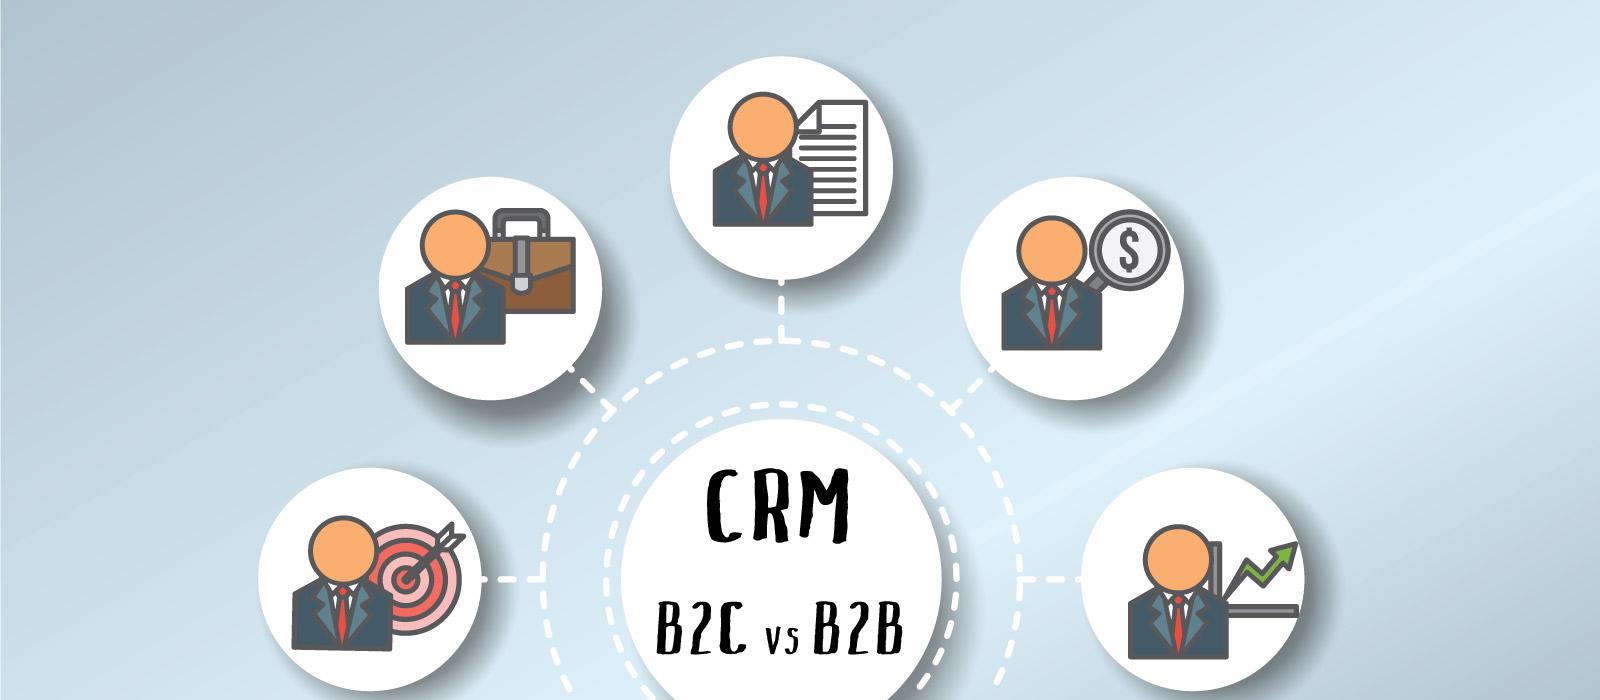 CRM per calzaturifici B2B e B2C